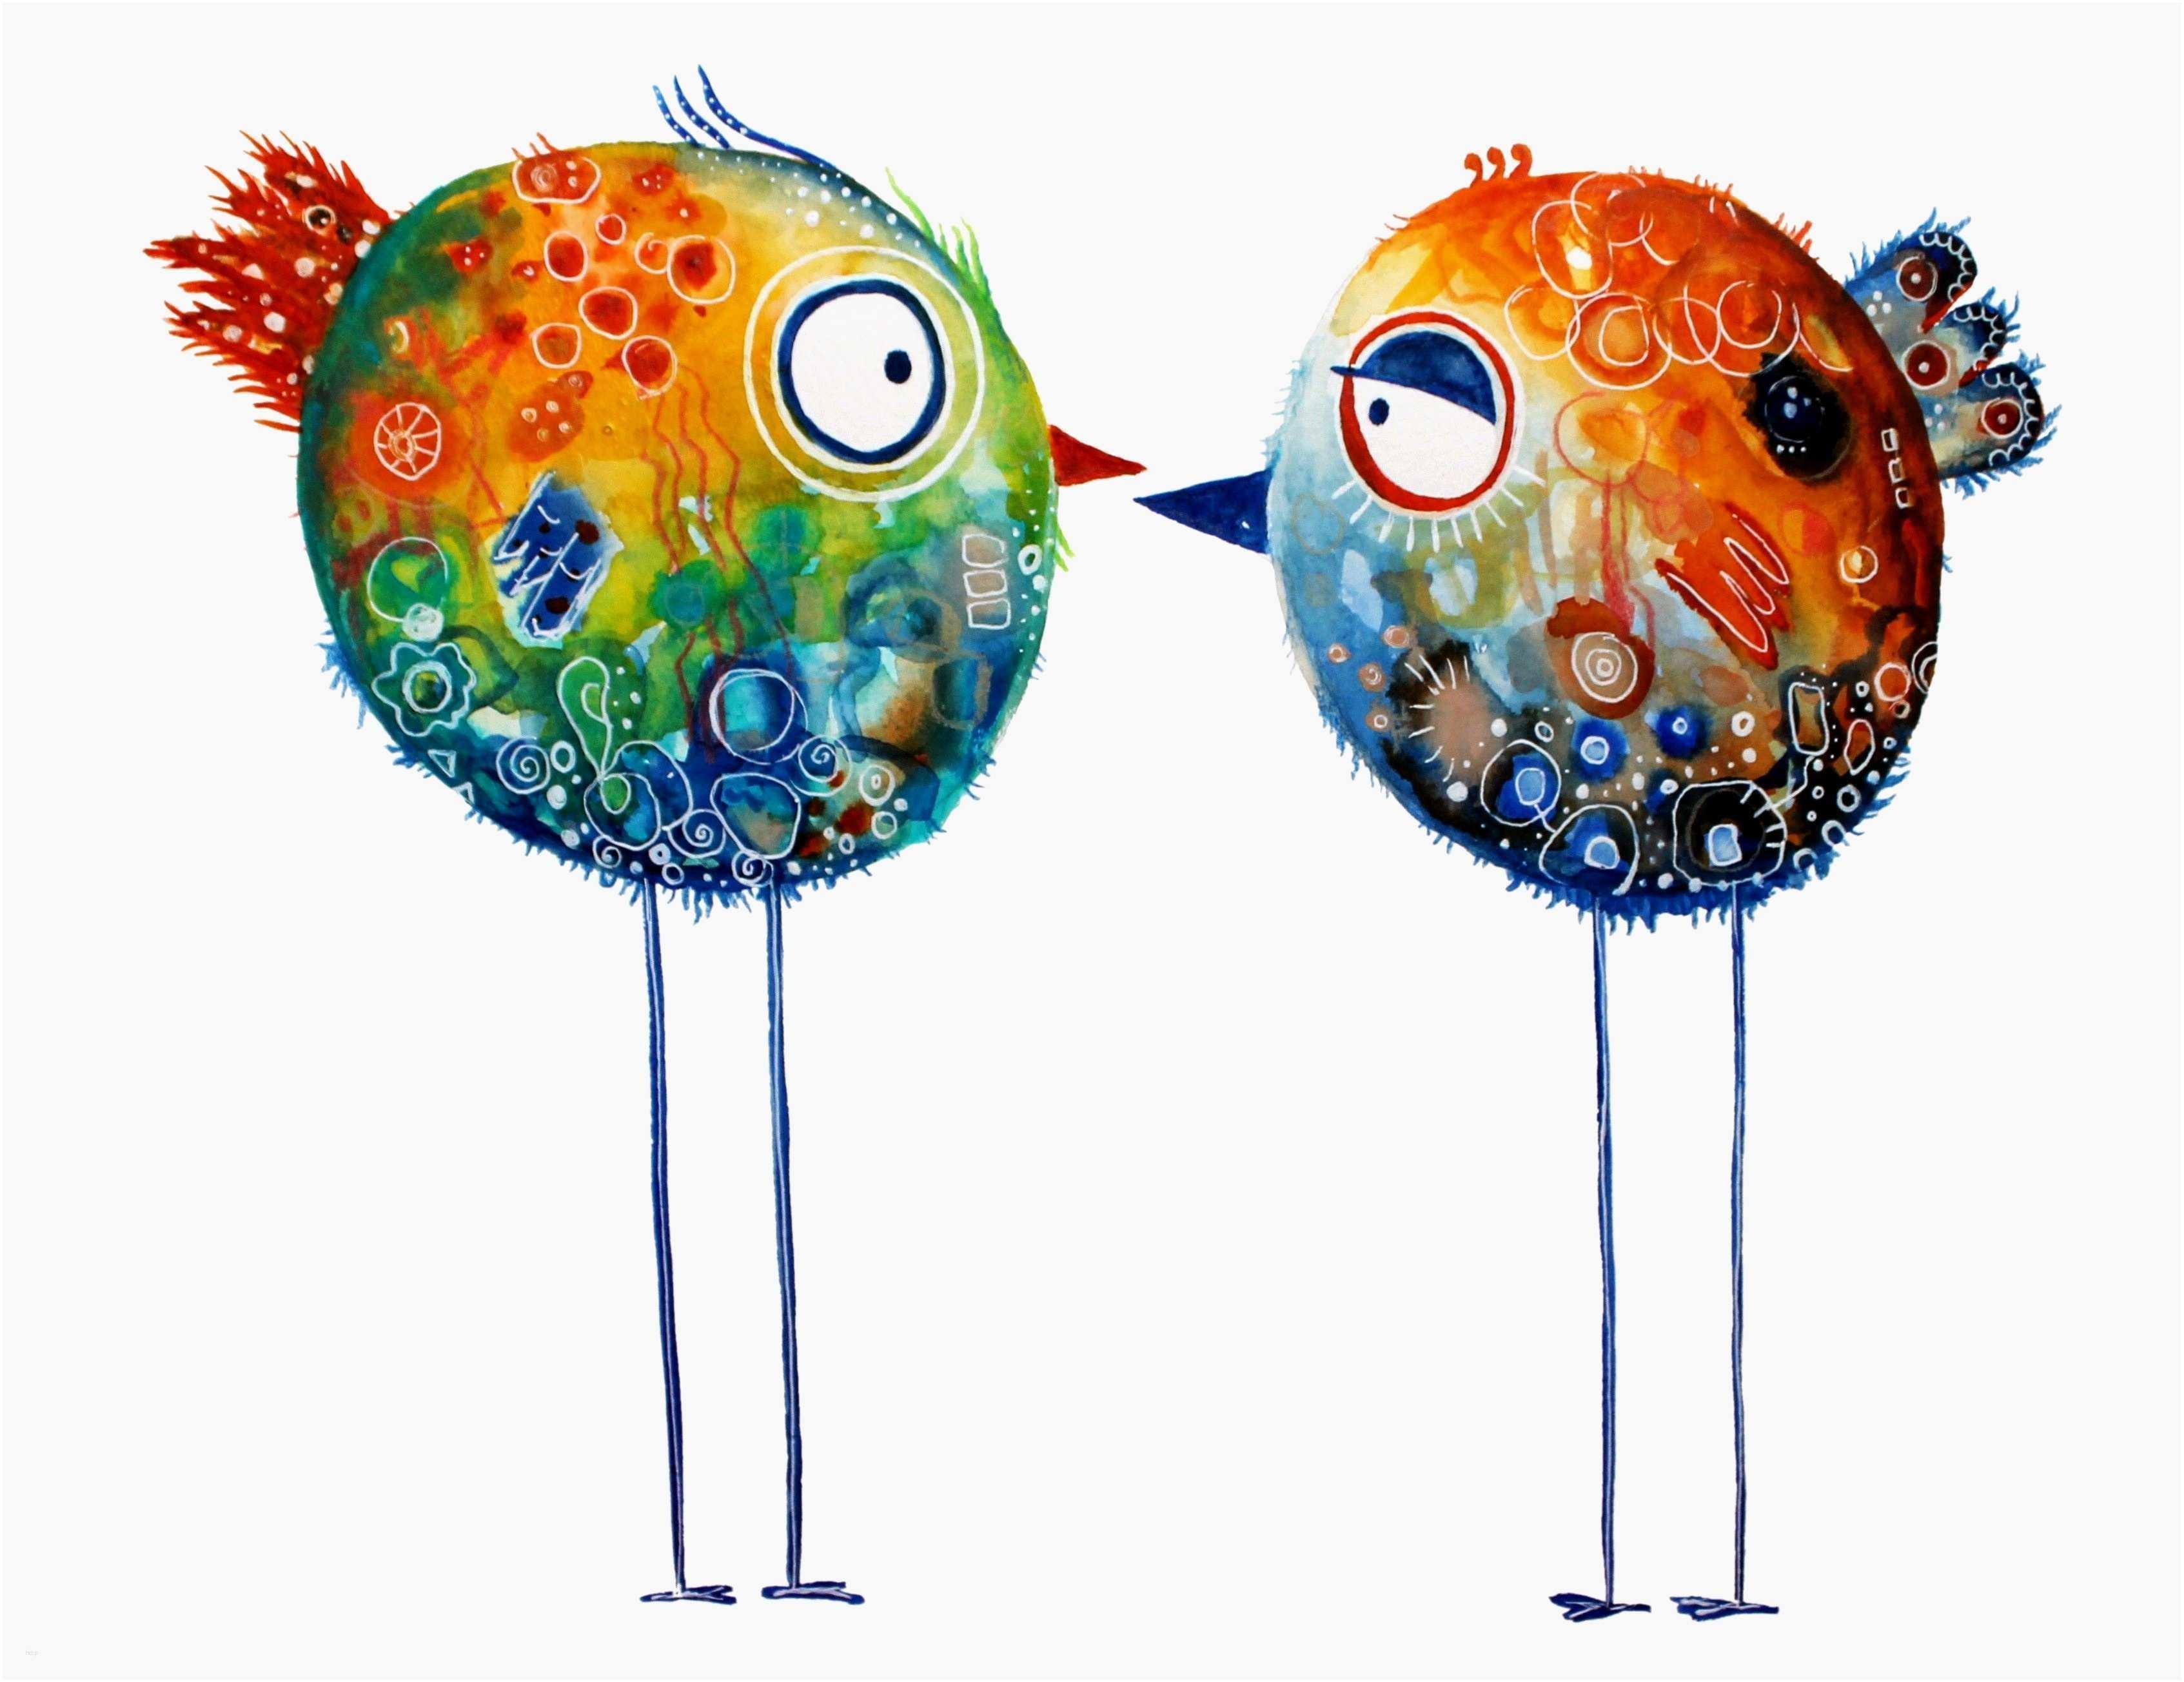 Acrylbilder Vorlagen Fur Anfanger Zum Drucken Fabelhaft Lebensfreude Durch Kreativitat Frohliches Malen Kinder Kunst Liebe Zeichnungen Kunst Fur Kinder